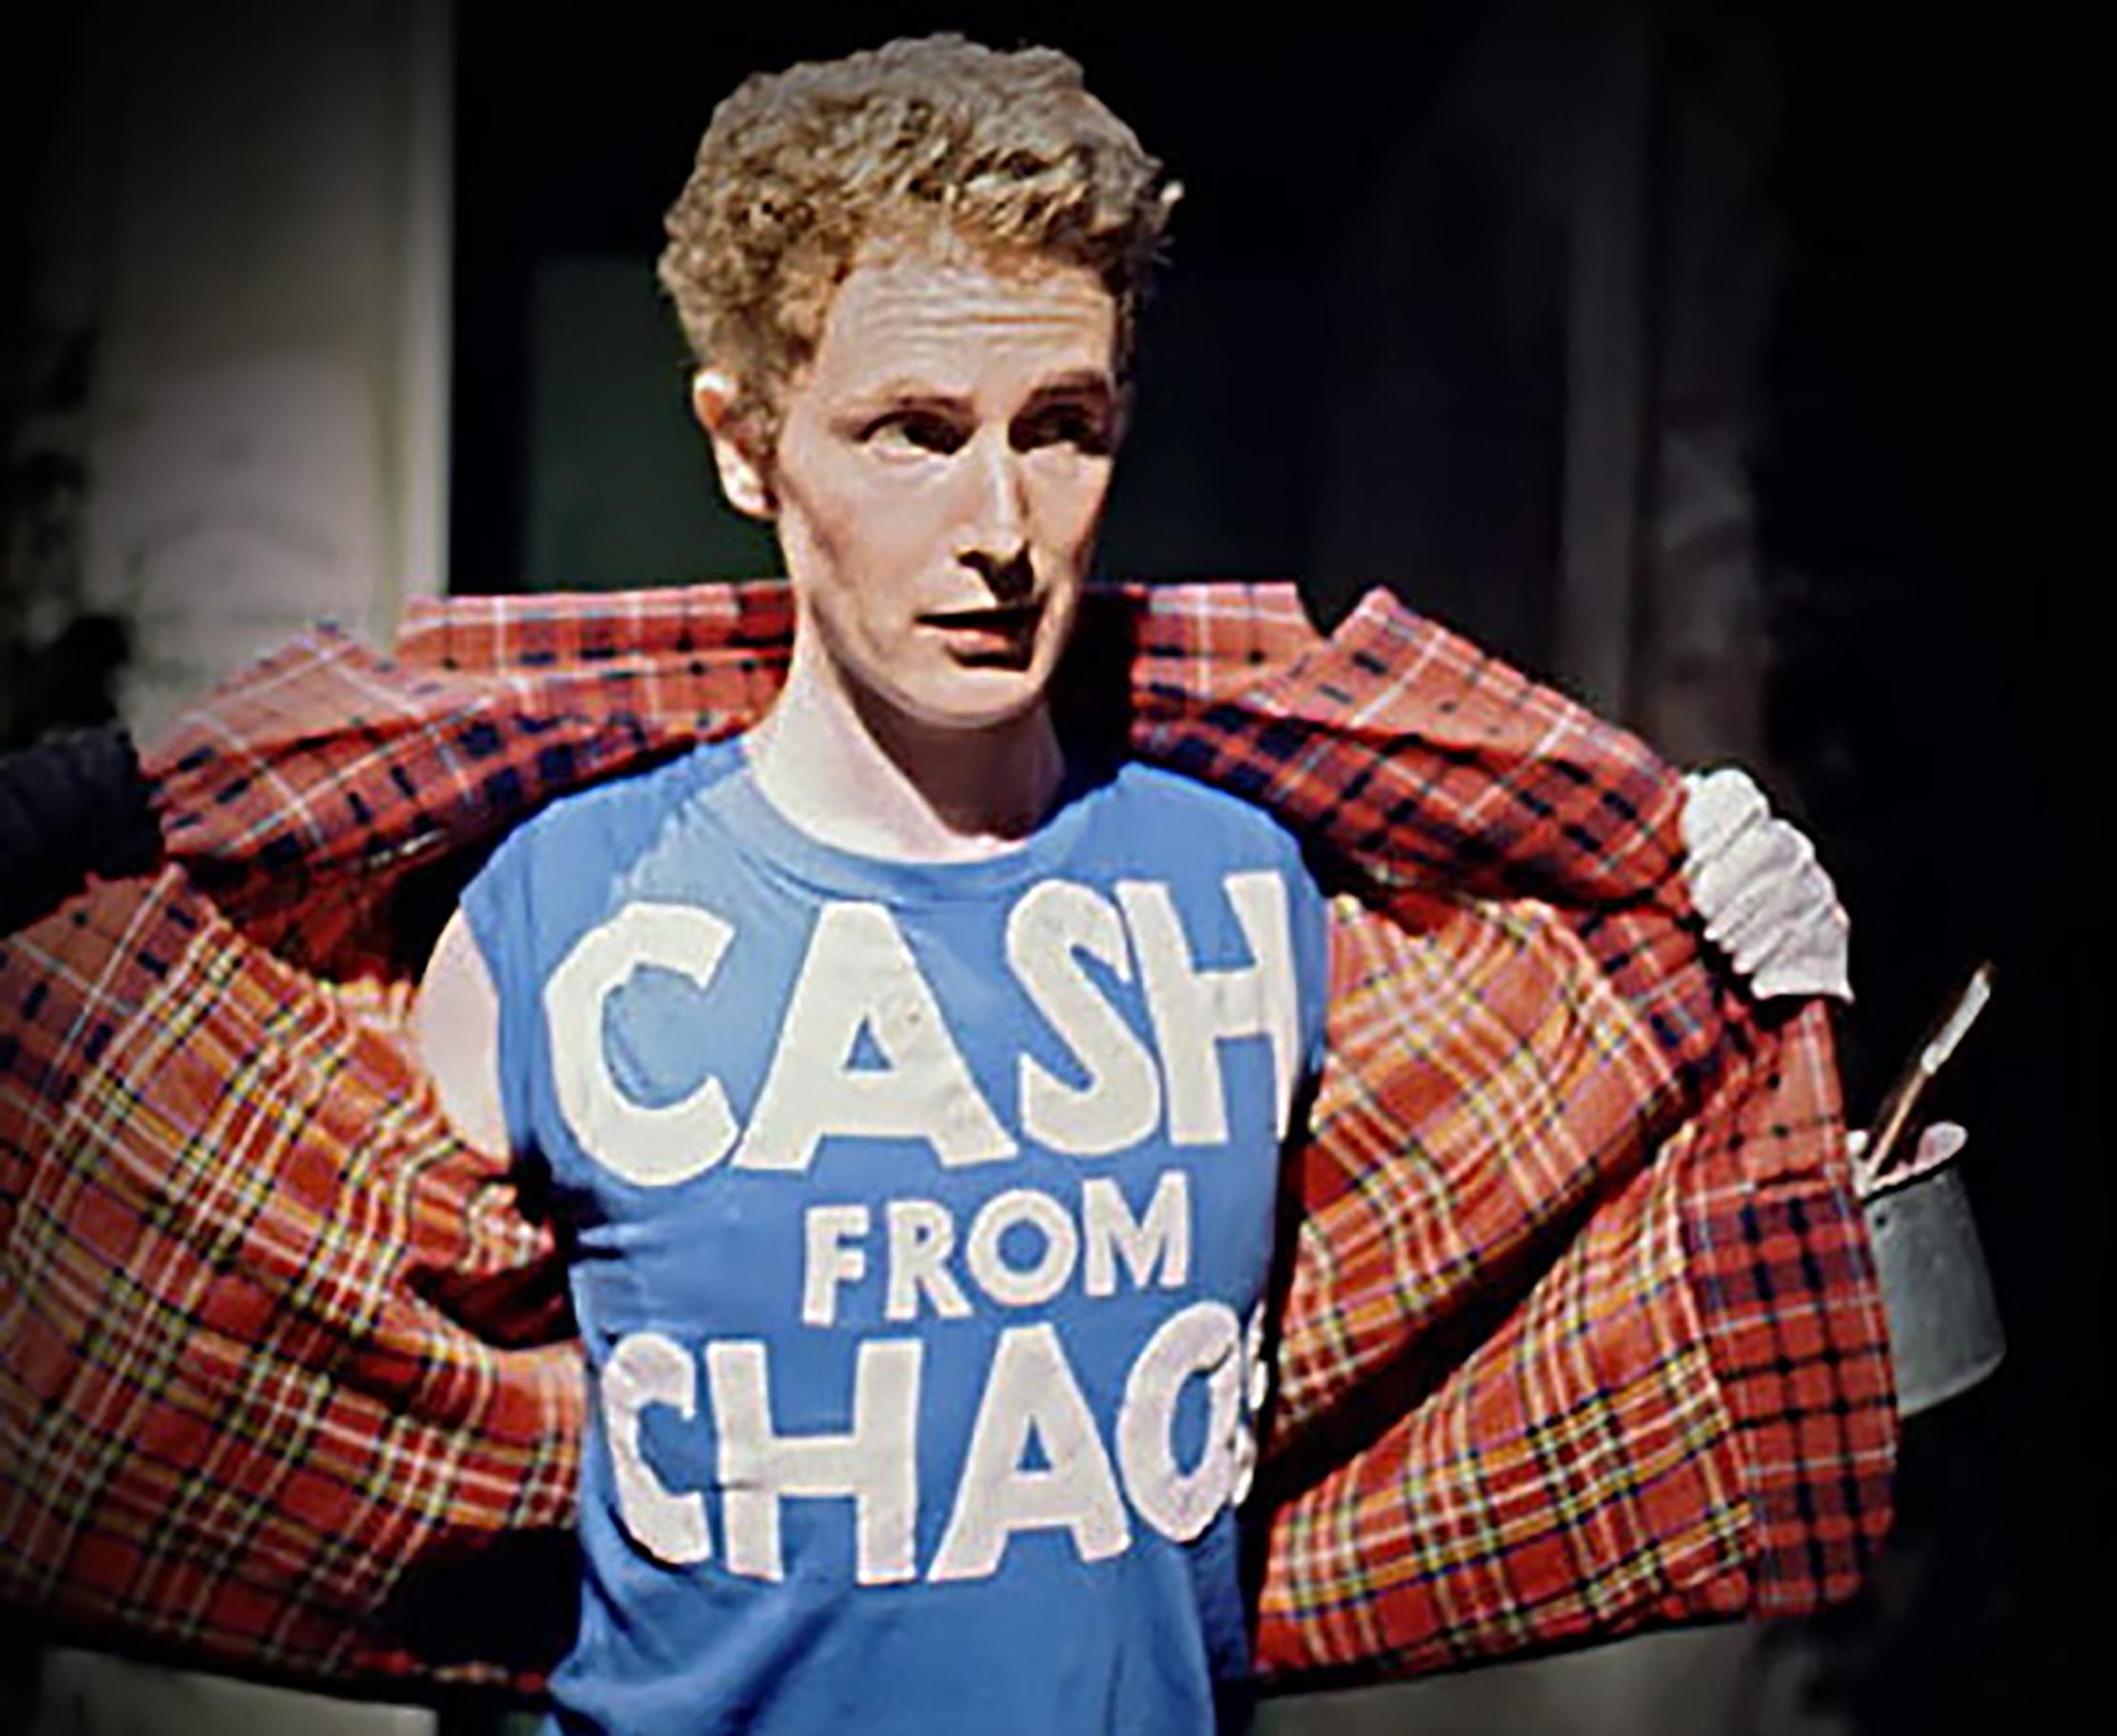 Cash from Chaos, Mclaren tribute shirt